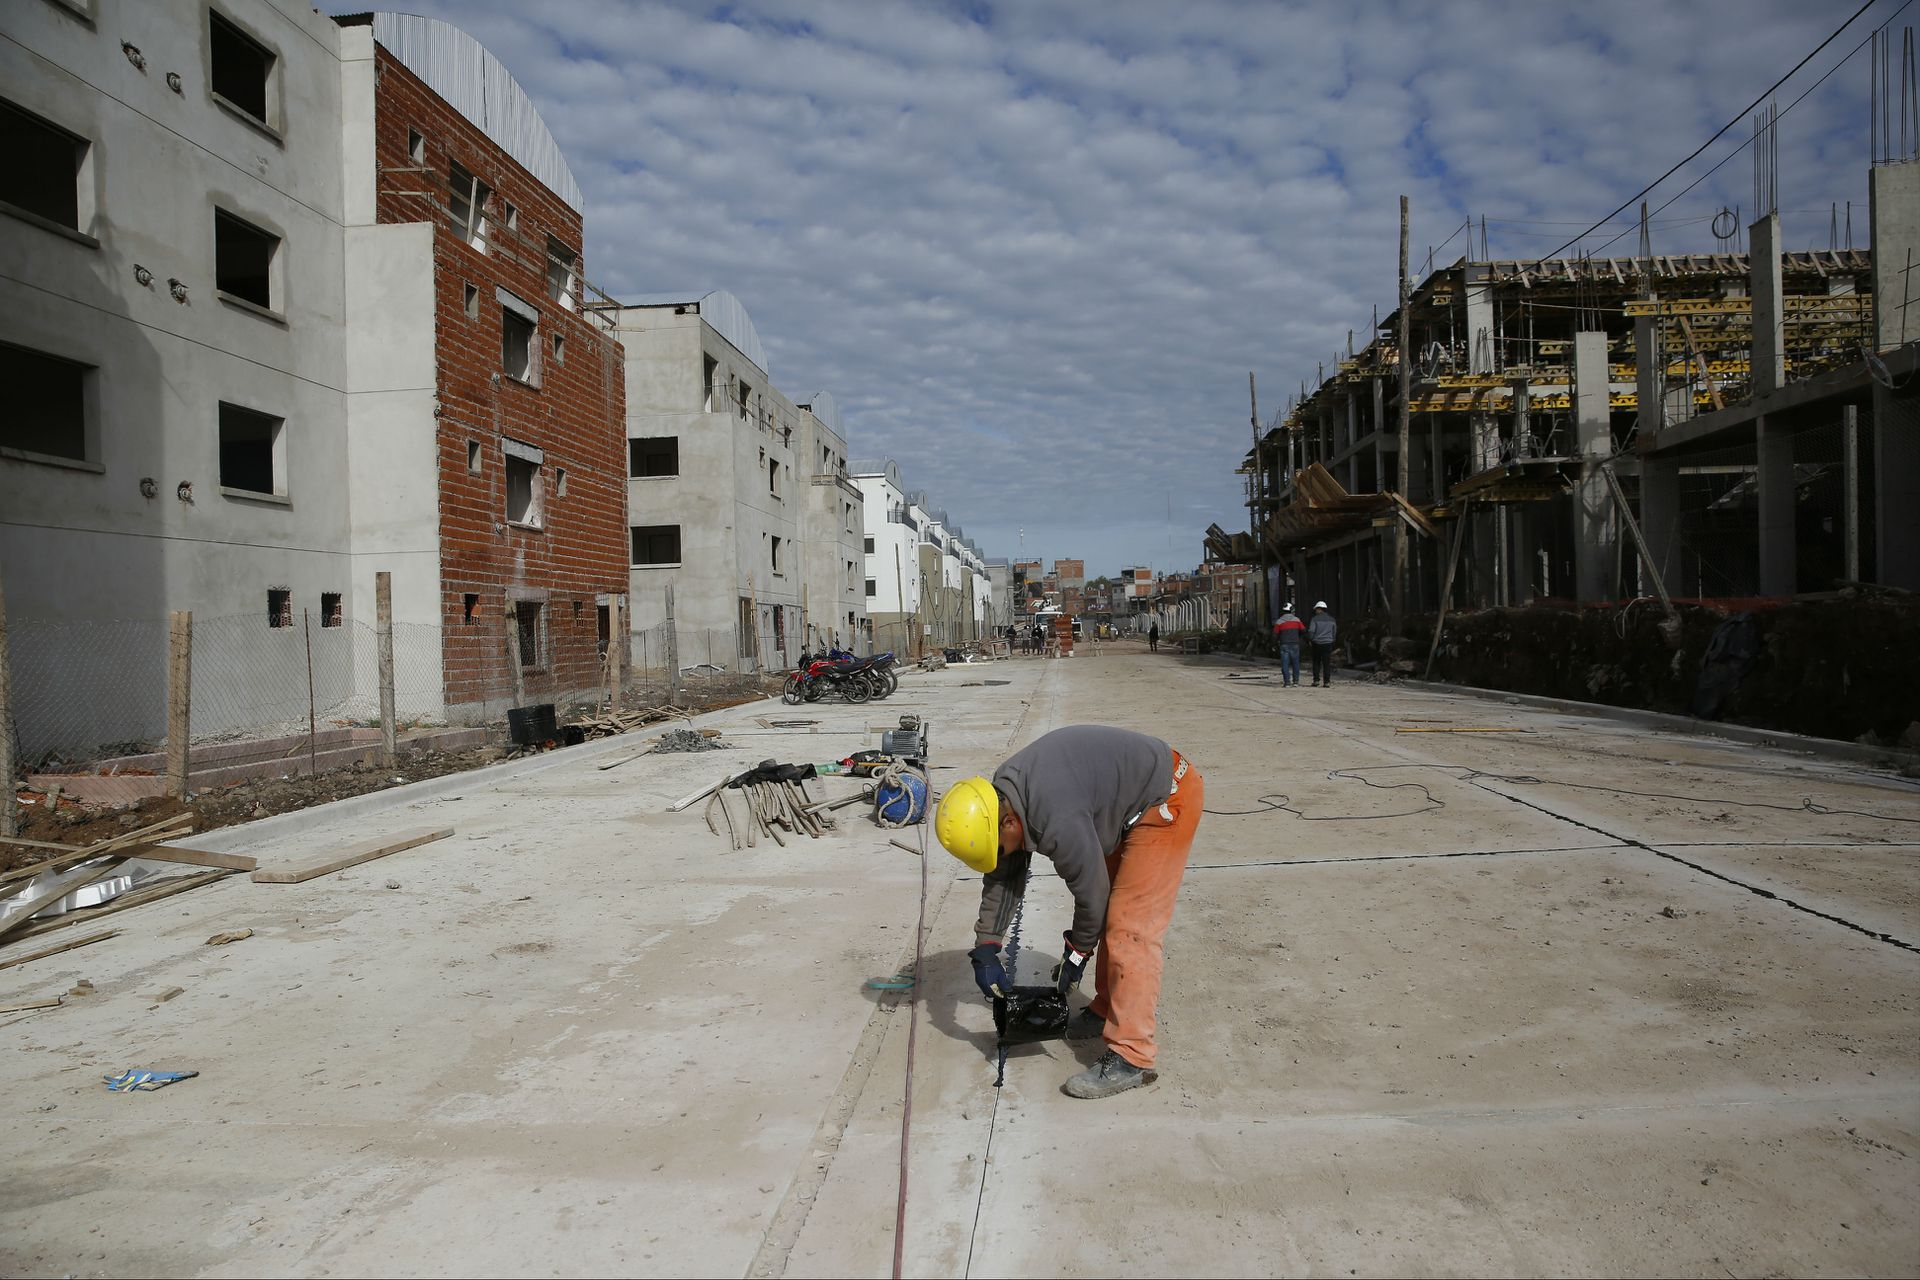 La urbanización incluyó apertura de calles